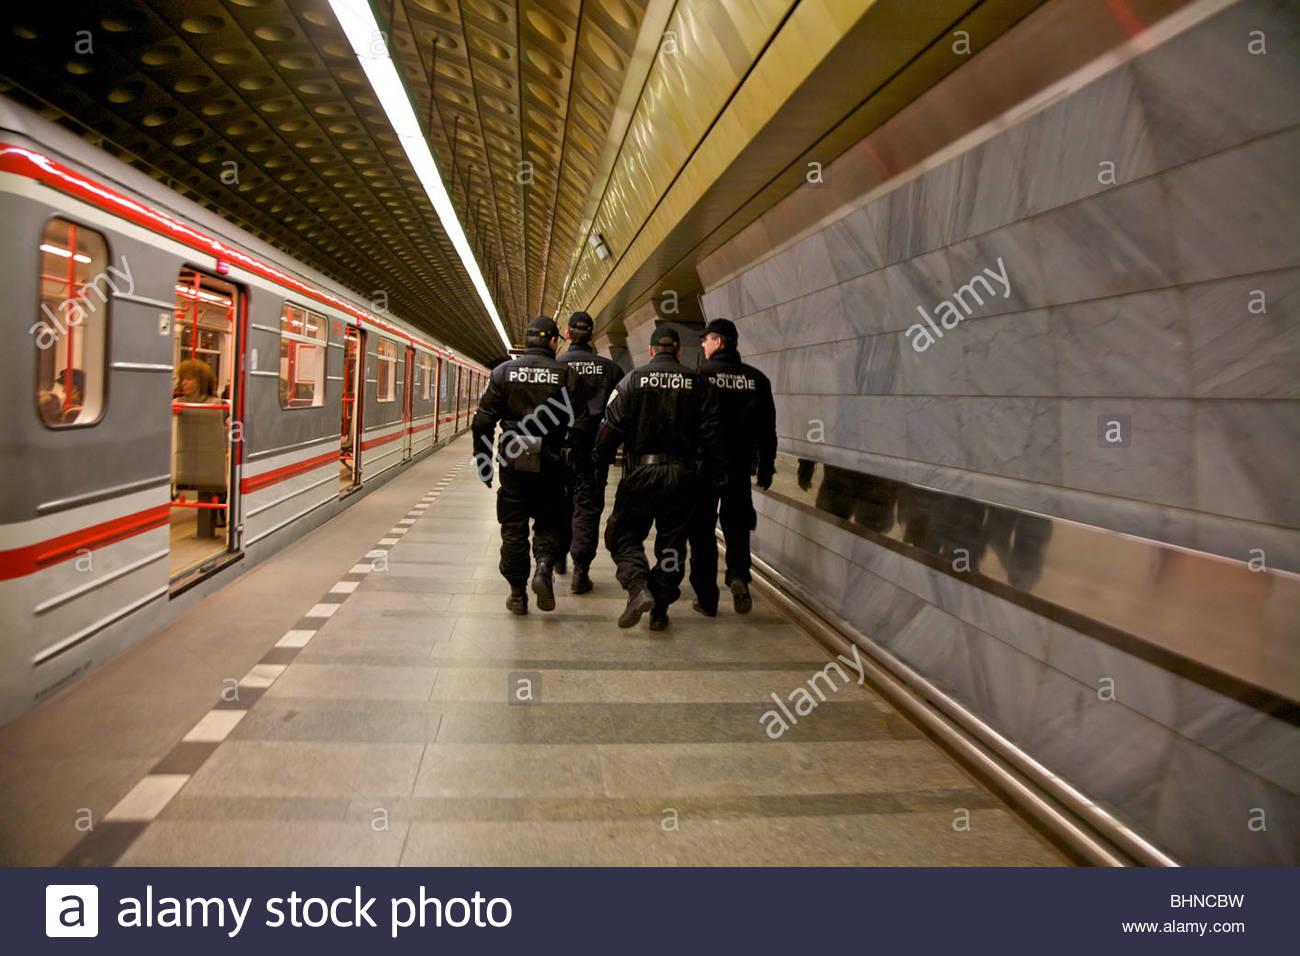 La station de métro de Prague dans la Police, Prague, République tchèque. Photo Stock